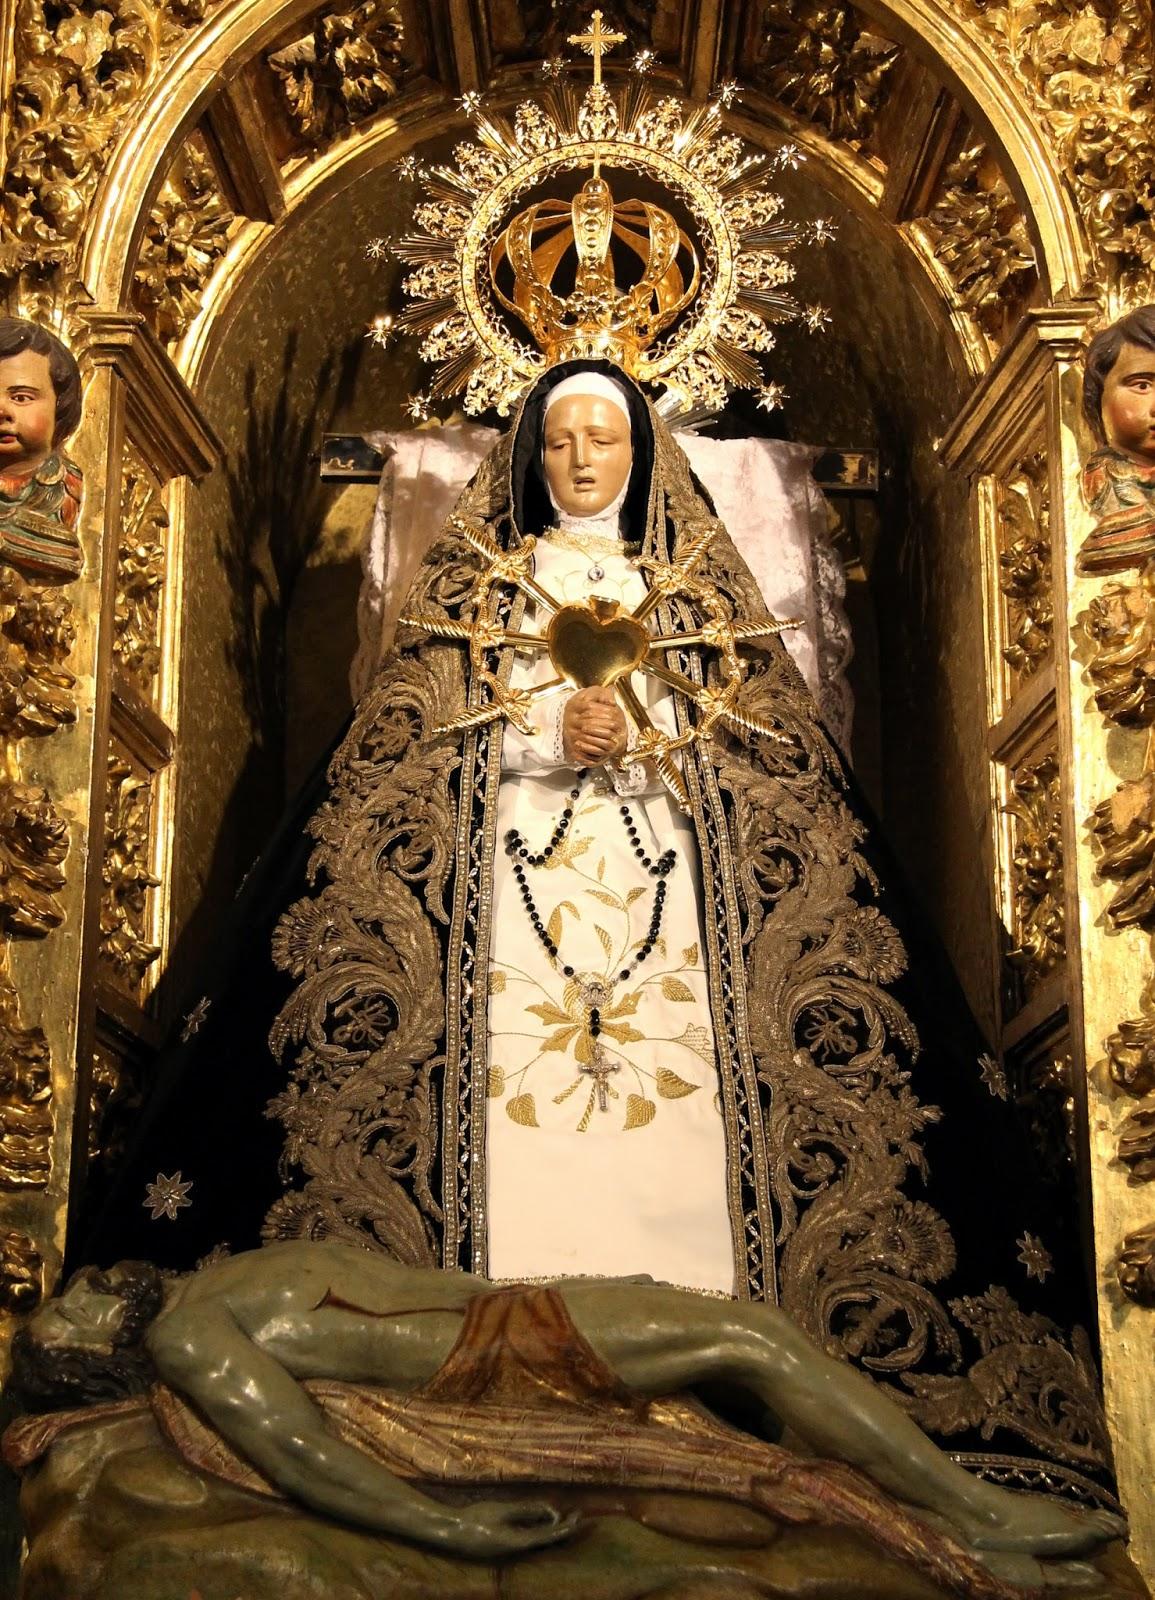 Alba y jesus en el stand de ana g en el feda - 2 part 5